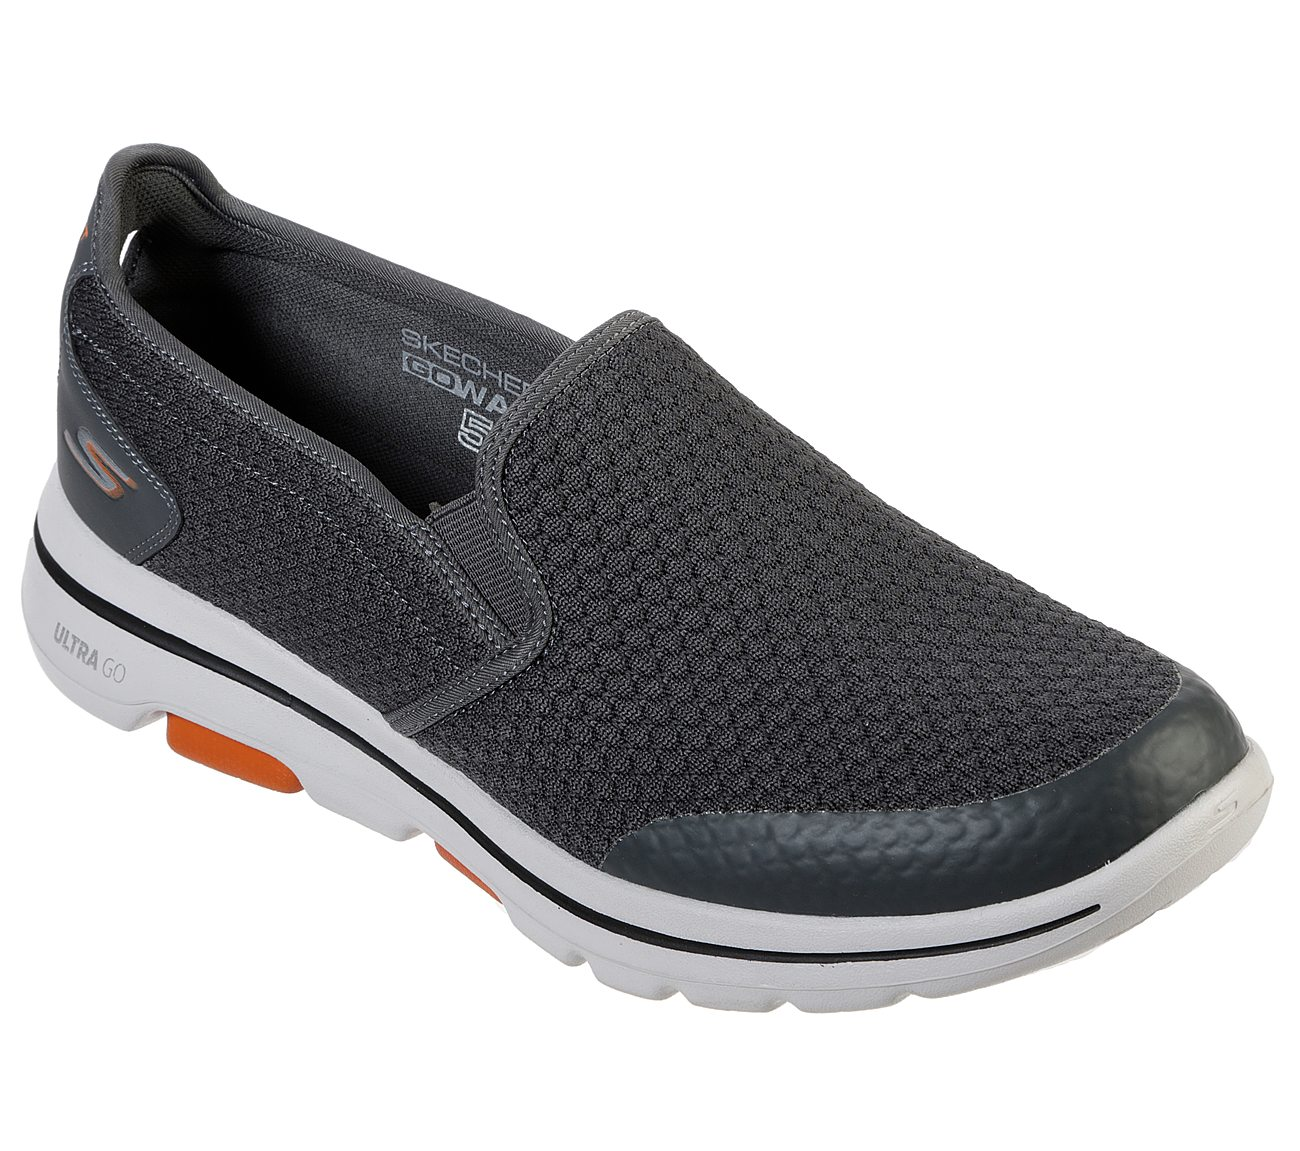 Skechers GOwalk 5 - Apprize